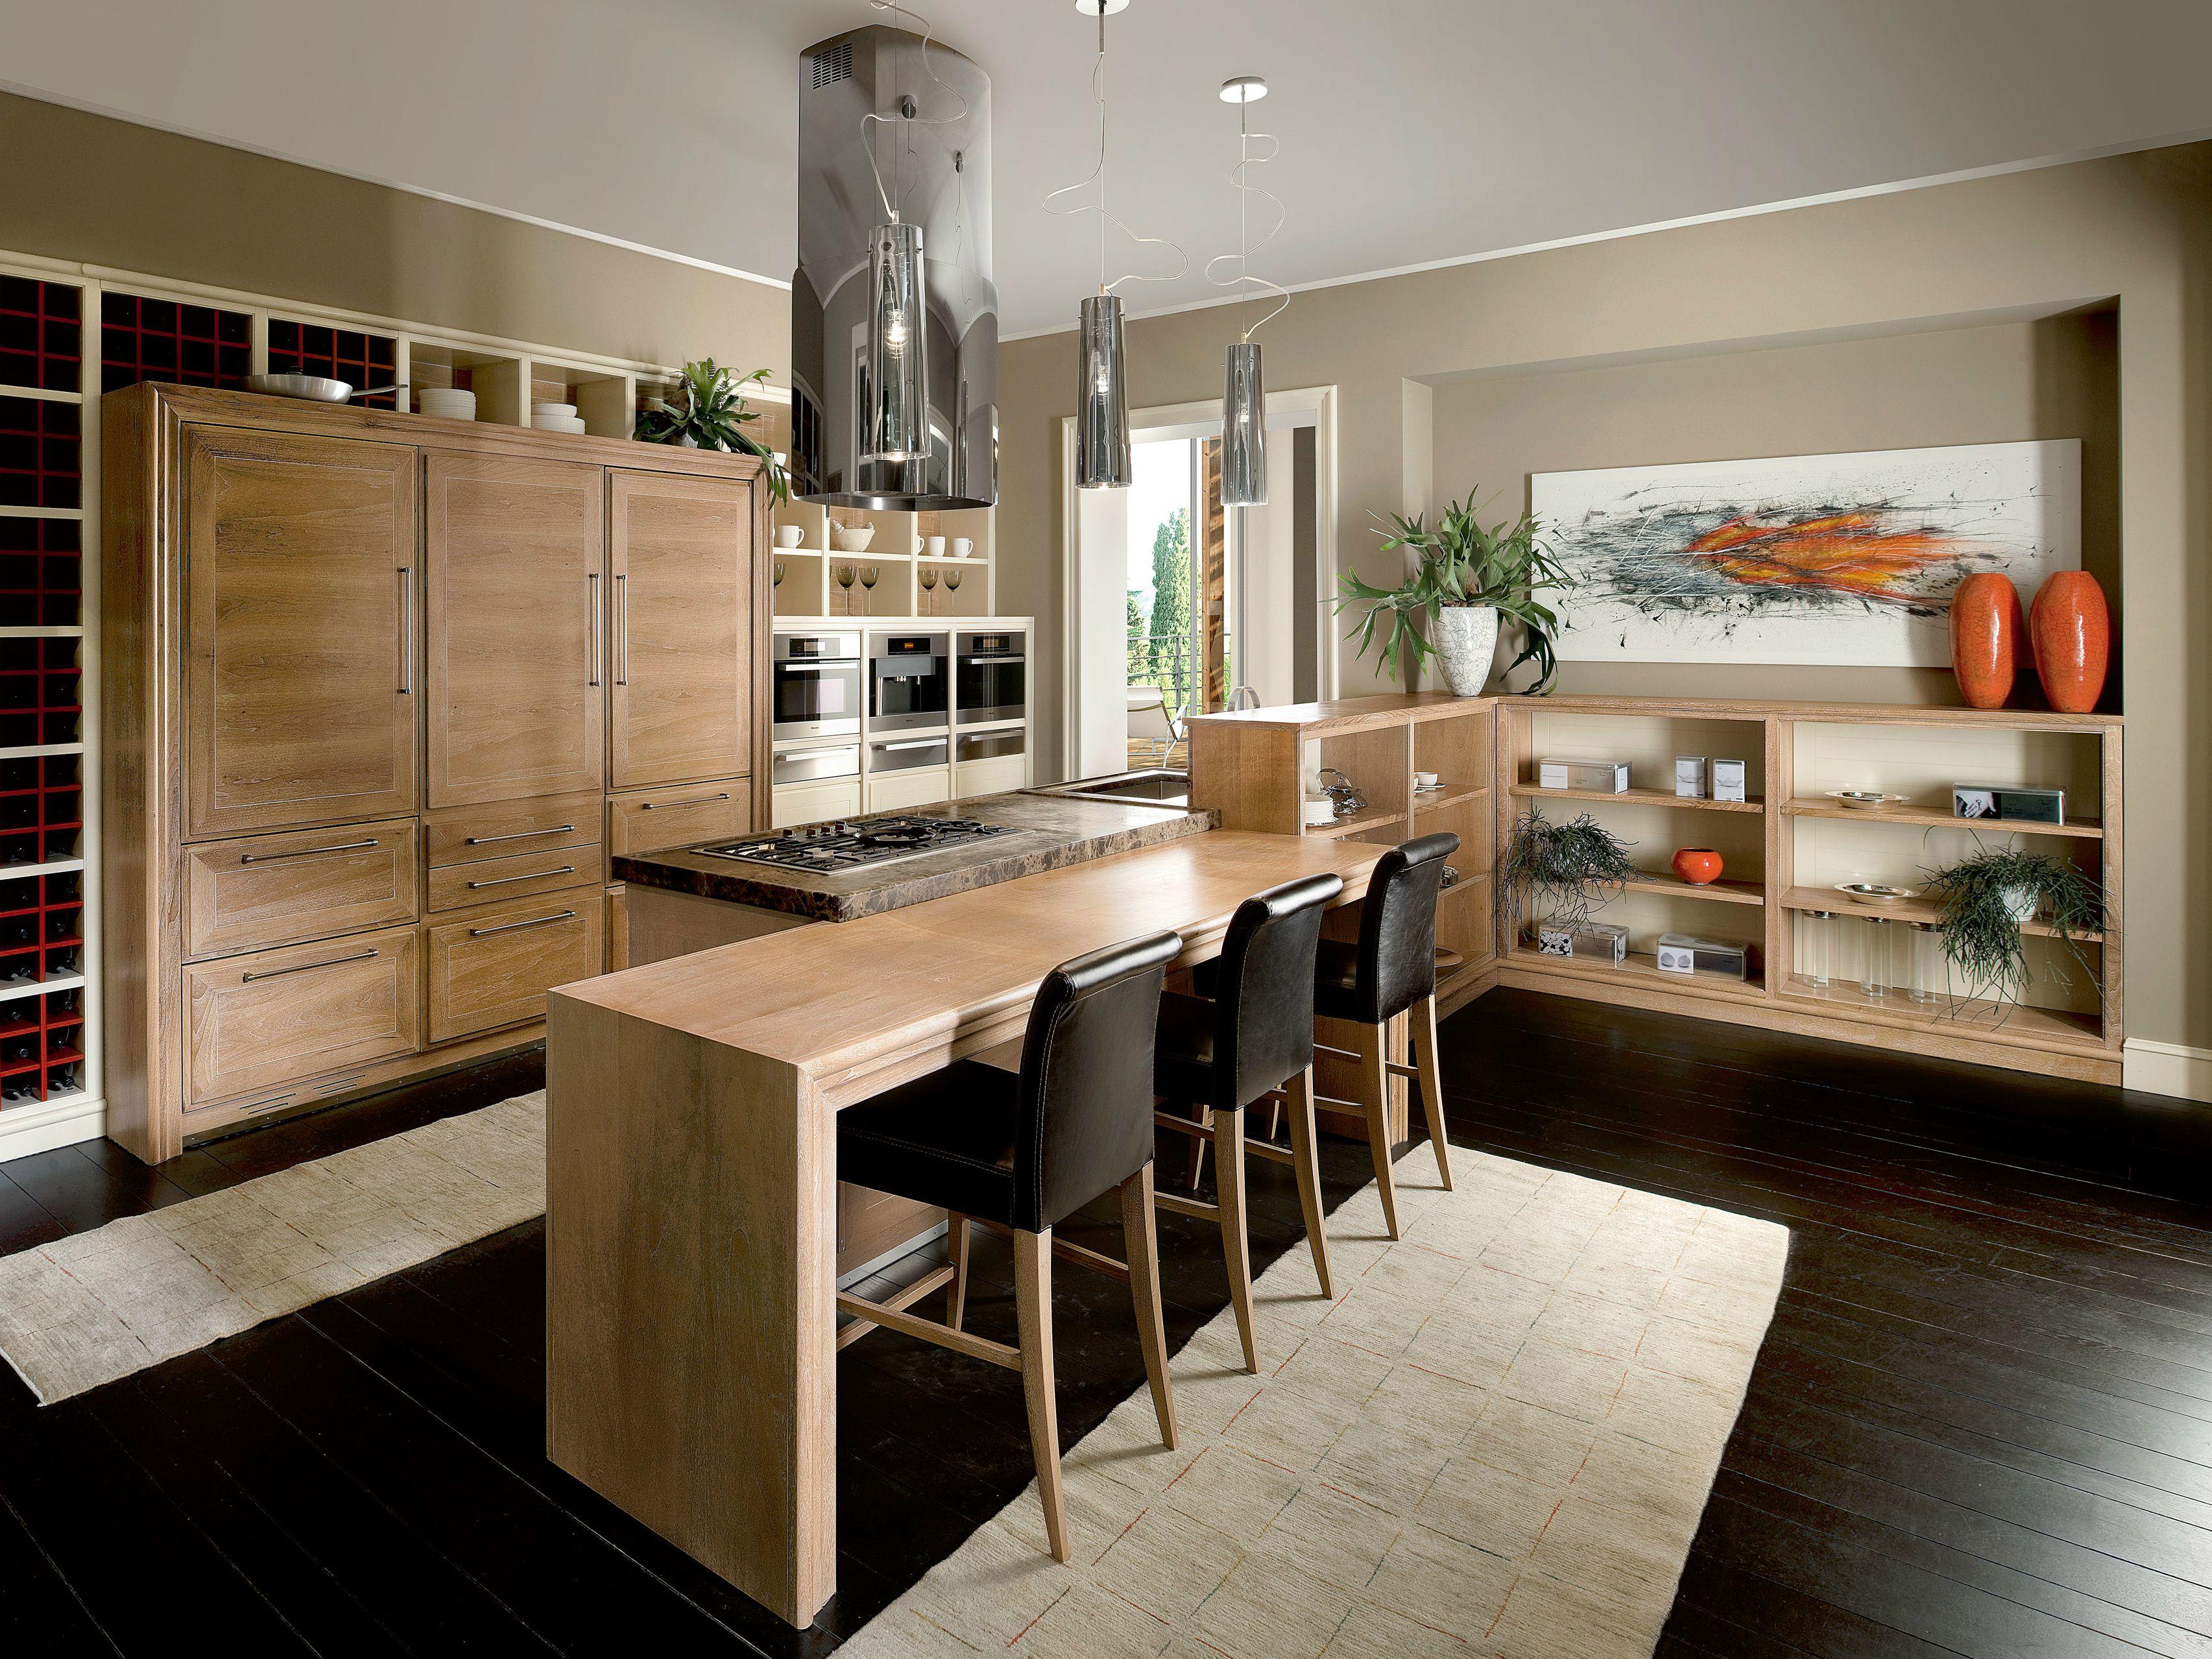 Evita cucina con isola by l 39 ottocento - L ottocento mobili ...